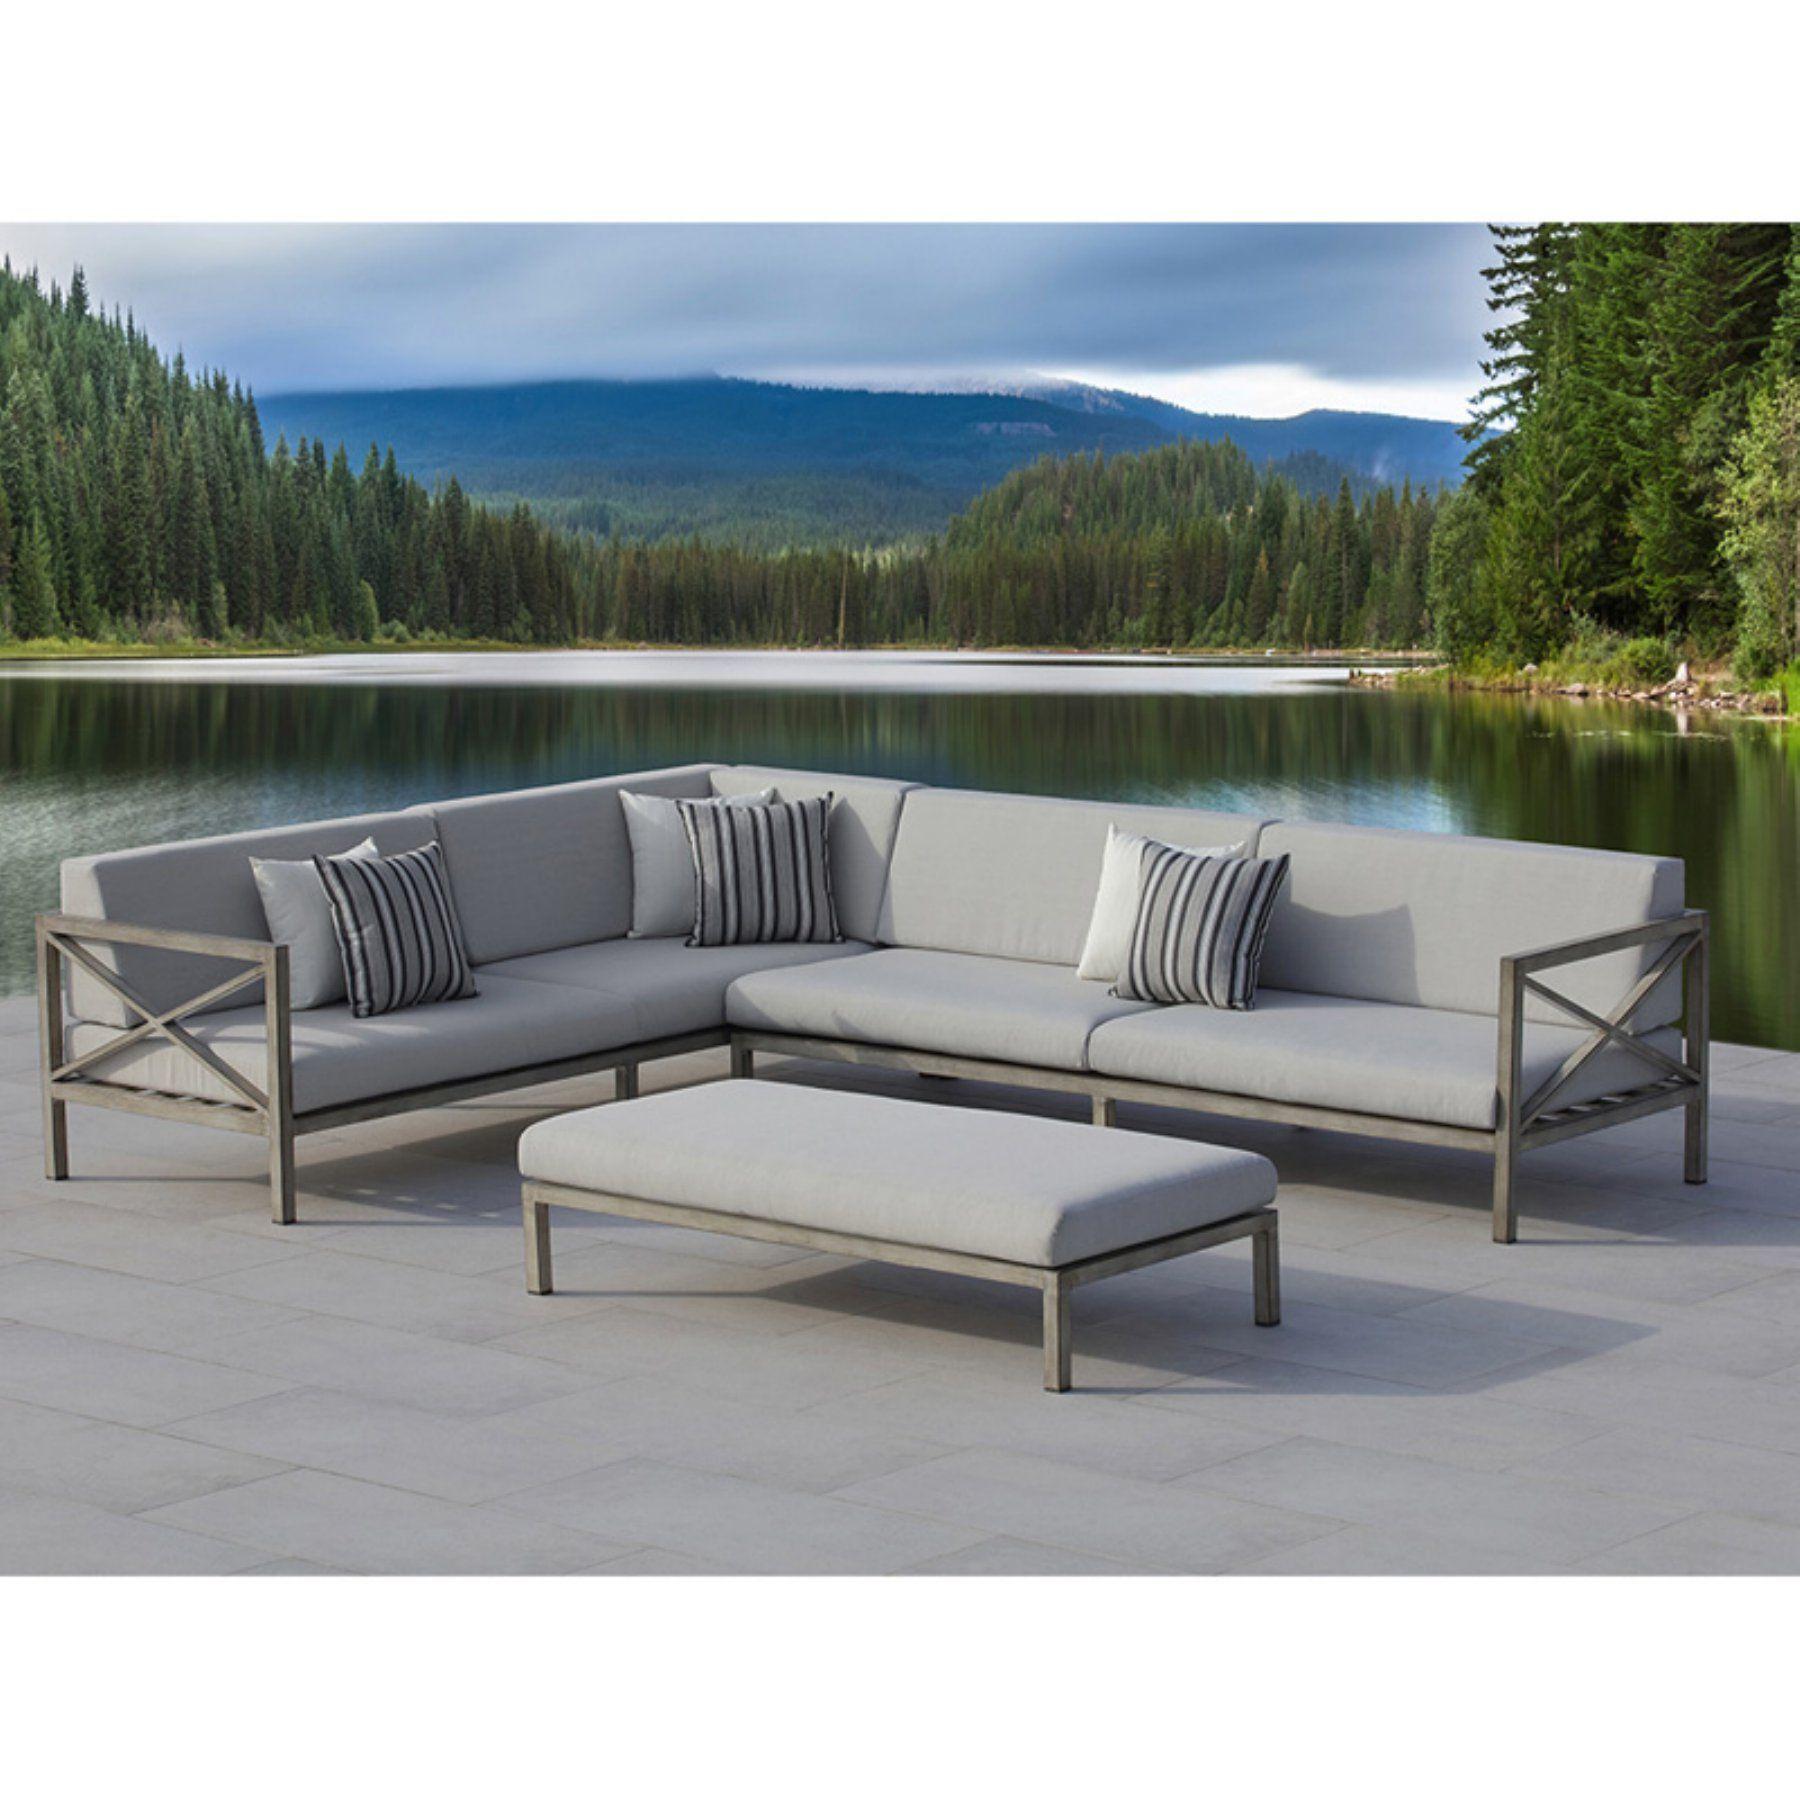 Ove Decors Pasadena Aluminum 3 Piece Gray Patio Outdoor Sectional Set    PAS3S